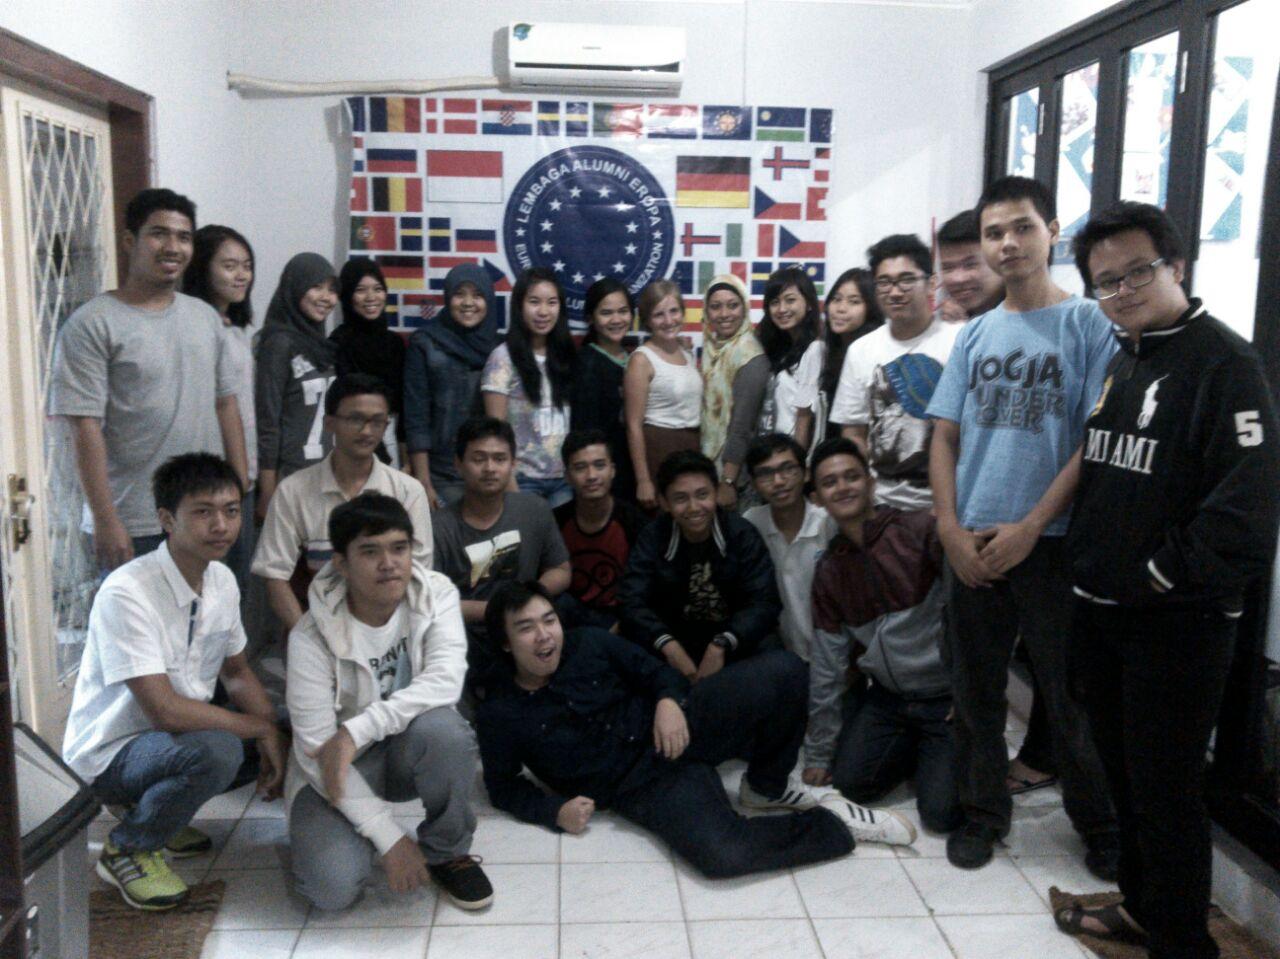 sebagian-peserta-program-intensif-persiapan-studi-di-Jerman-2015-lembaga-alumni-eropa-jakarta-yang-berasal-dari-seluruh-Indonesia